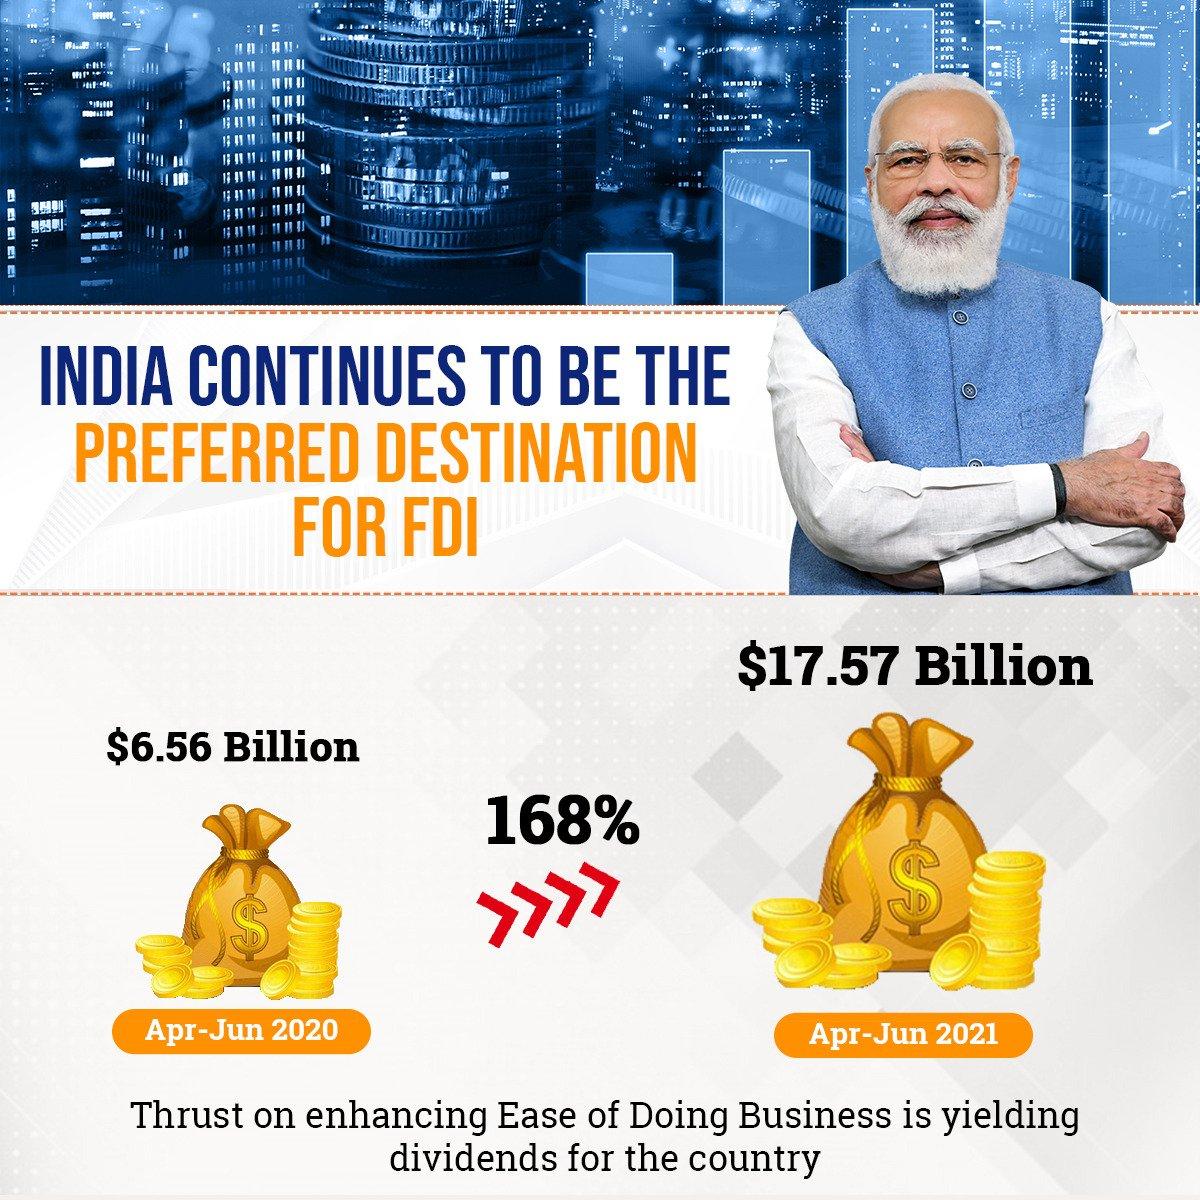 भारत में चालू वित्त वर्ष की पहली तिमाही में प्रत्यक्ष विदेशी निवेश पिछले वर्ष की तुलना में लगभग दोगुना हुआ